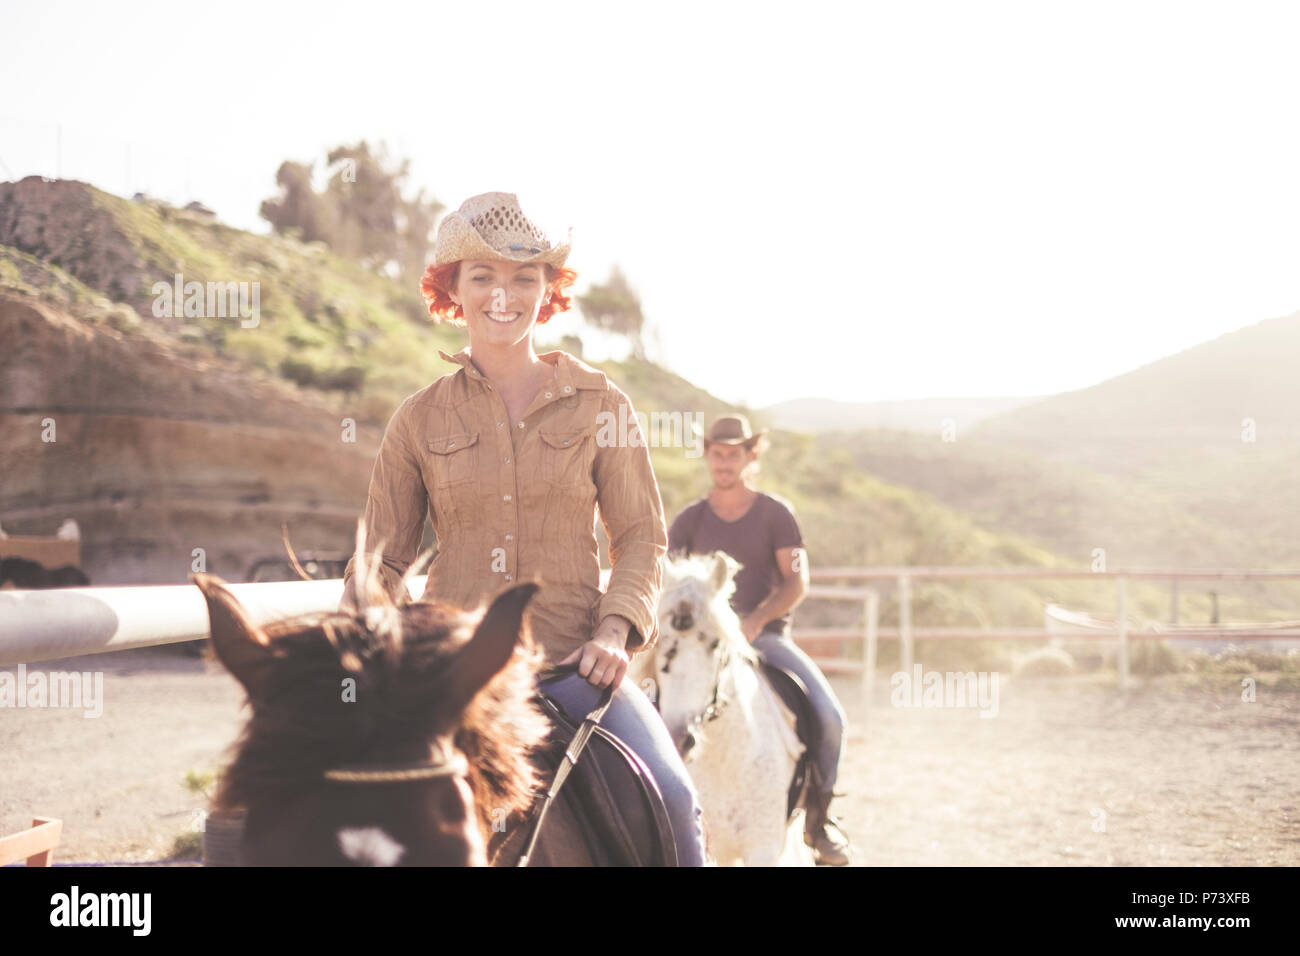 Bonita pareja caucásica amigos jóvenes ride bellos caballos en una escuela al aire libre. sun para retroiluminación brillante imagen en filtro cálido. agradable escena wi Imagen De Stock